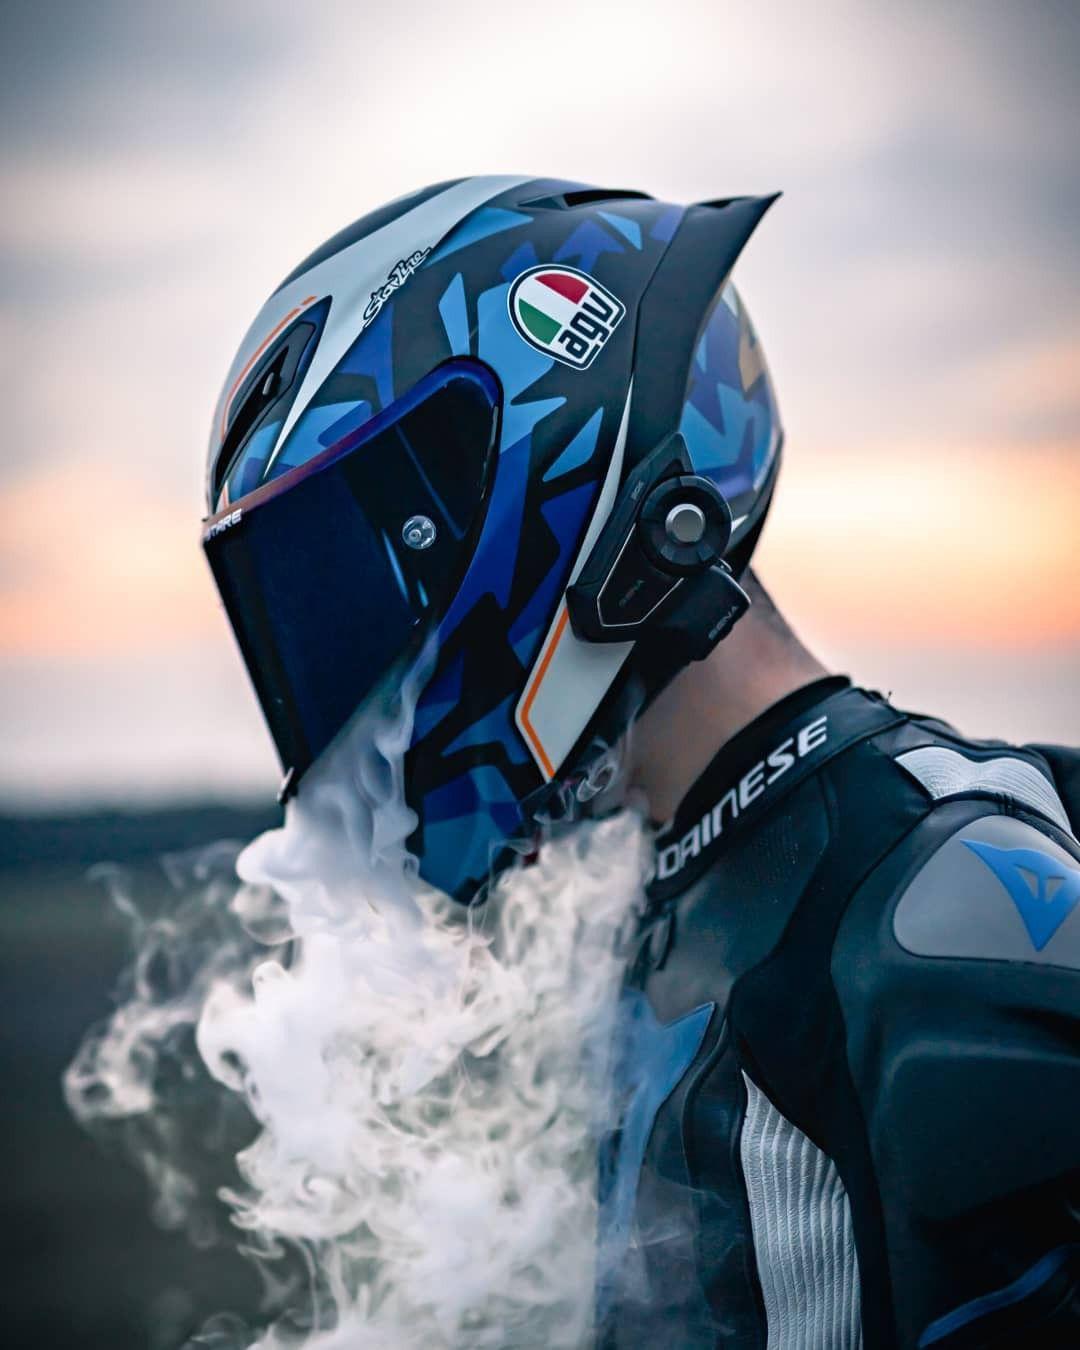 Smmmoke Bike Photoshoot Sport Bike Helmets Dirt Bike Riding Gear